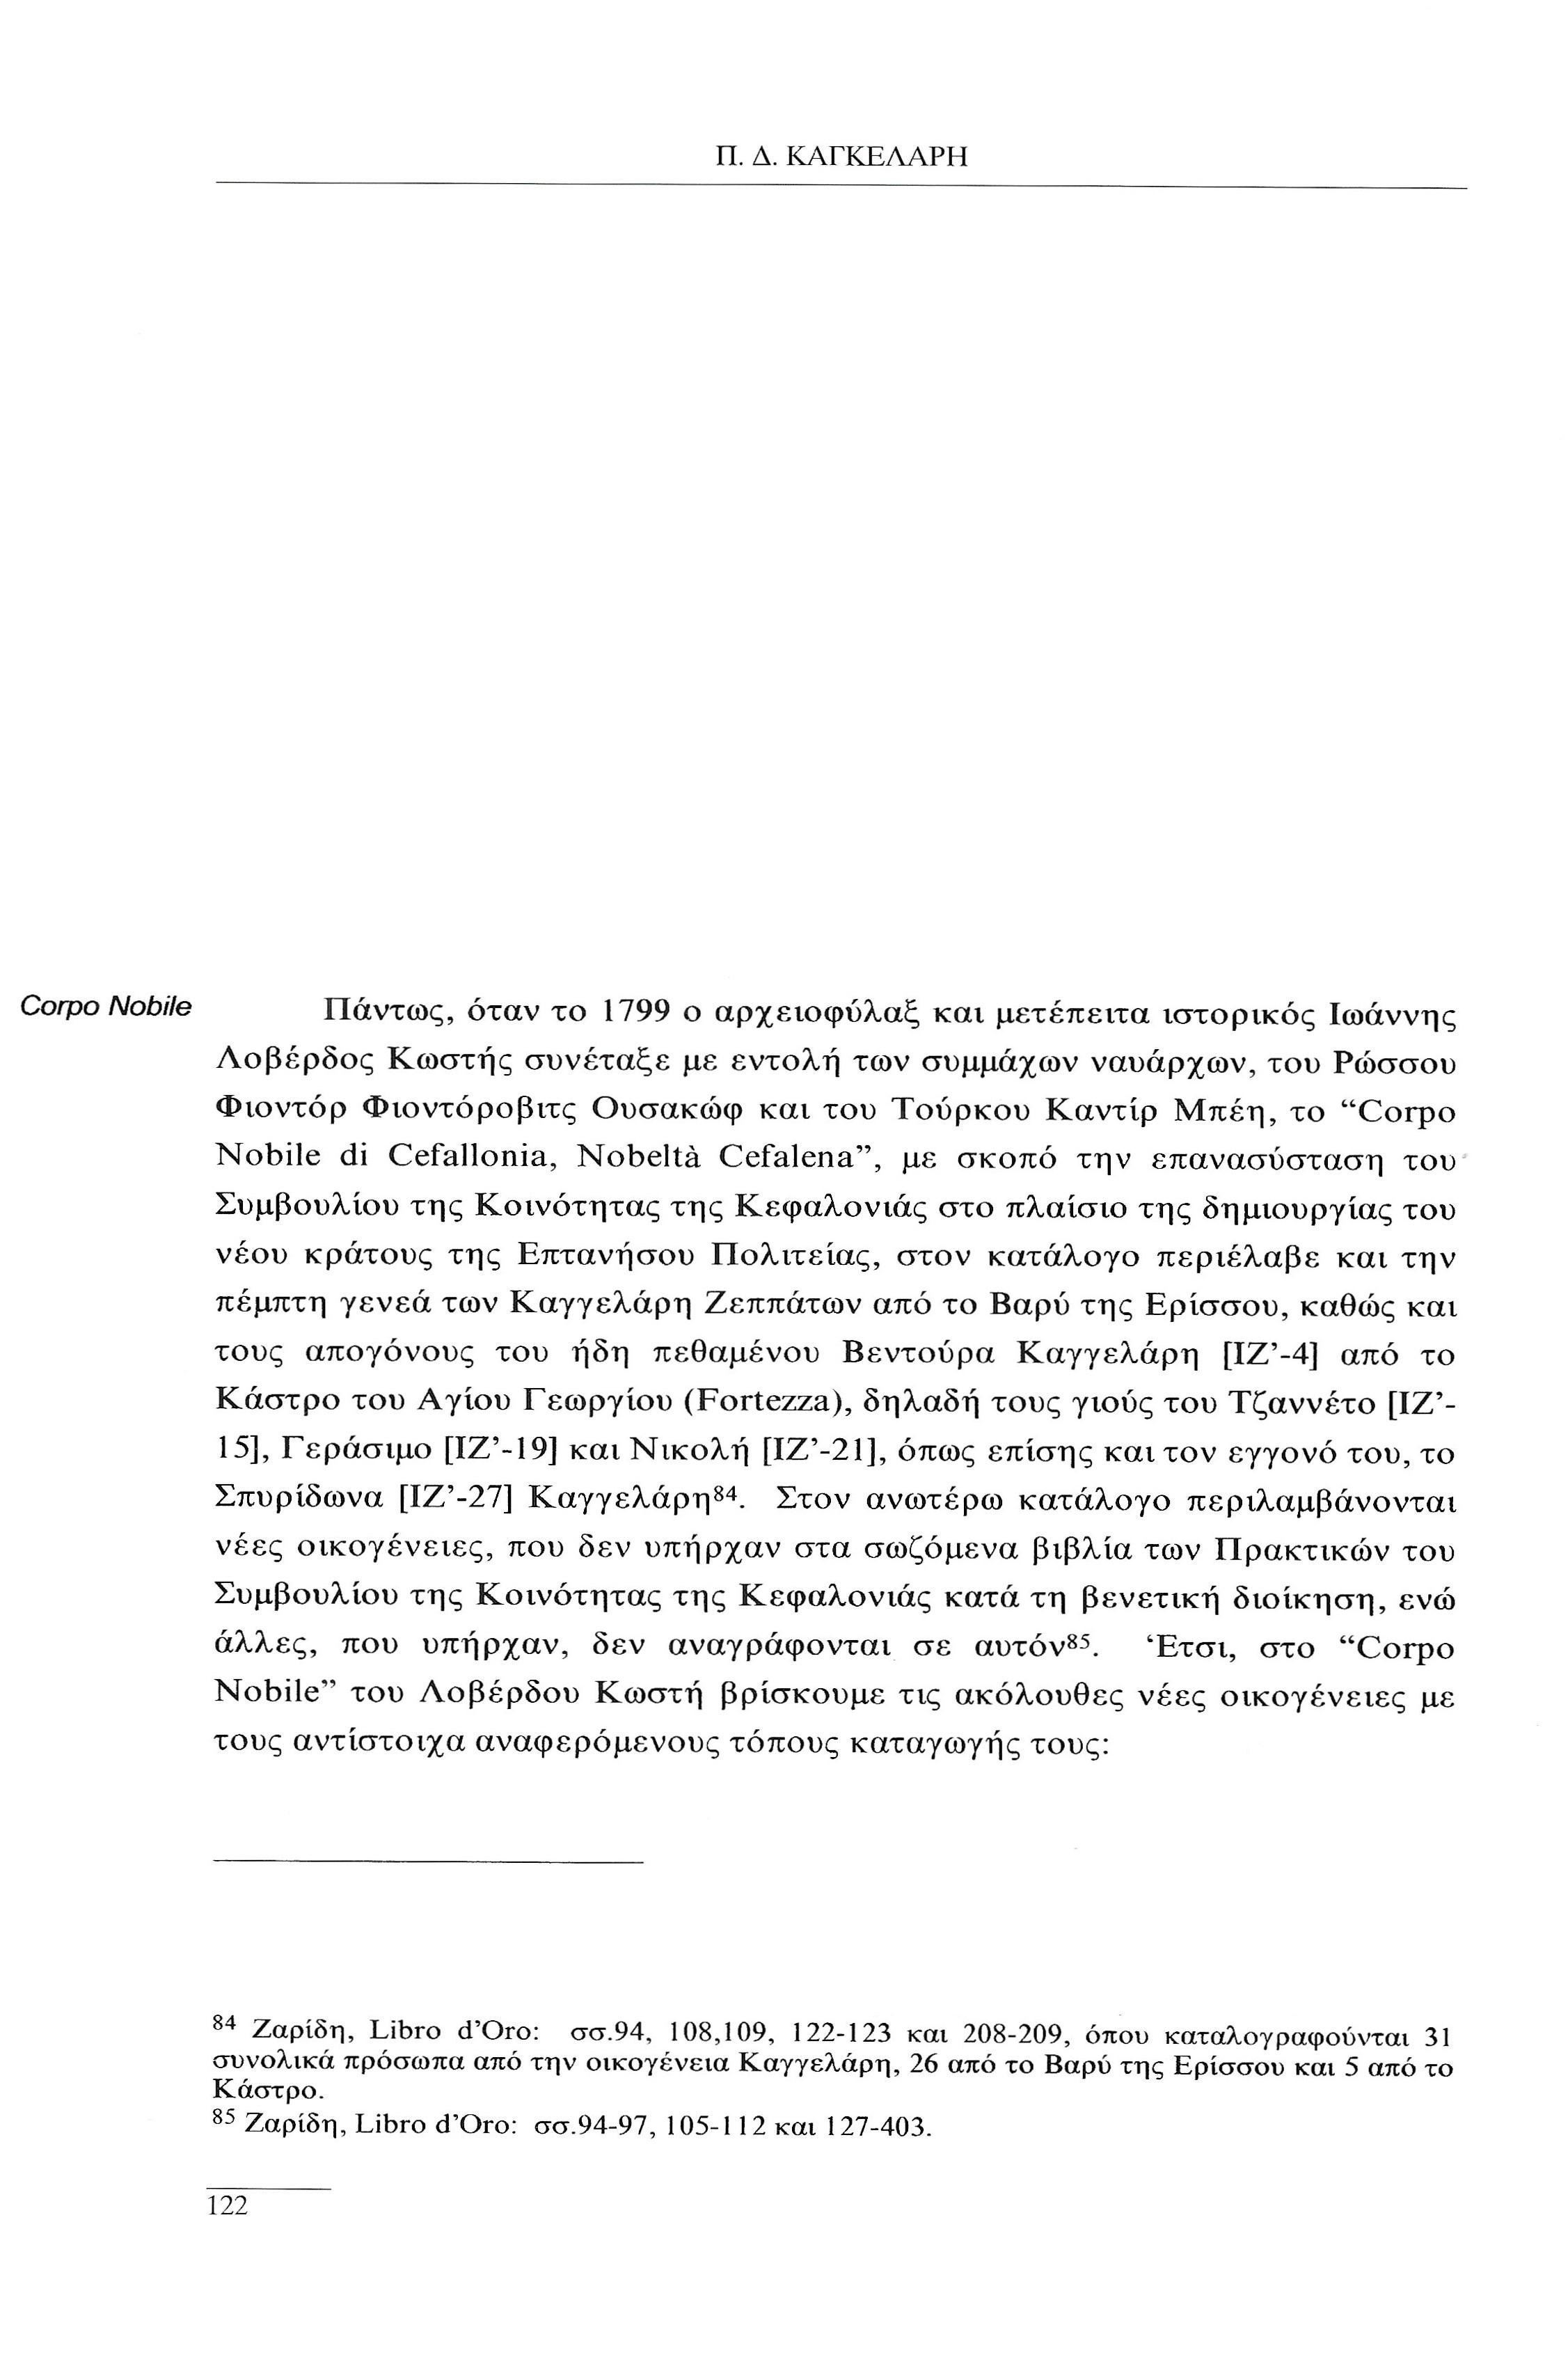 Π.Δ.Καγκελάρη: Ιστορία και Γενεαλογία του Οίκου Καγγελάρη, Σελίς 122